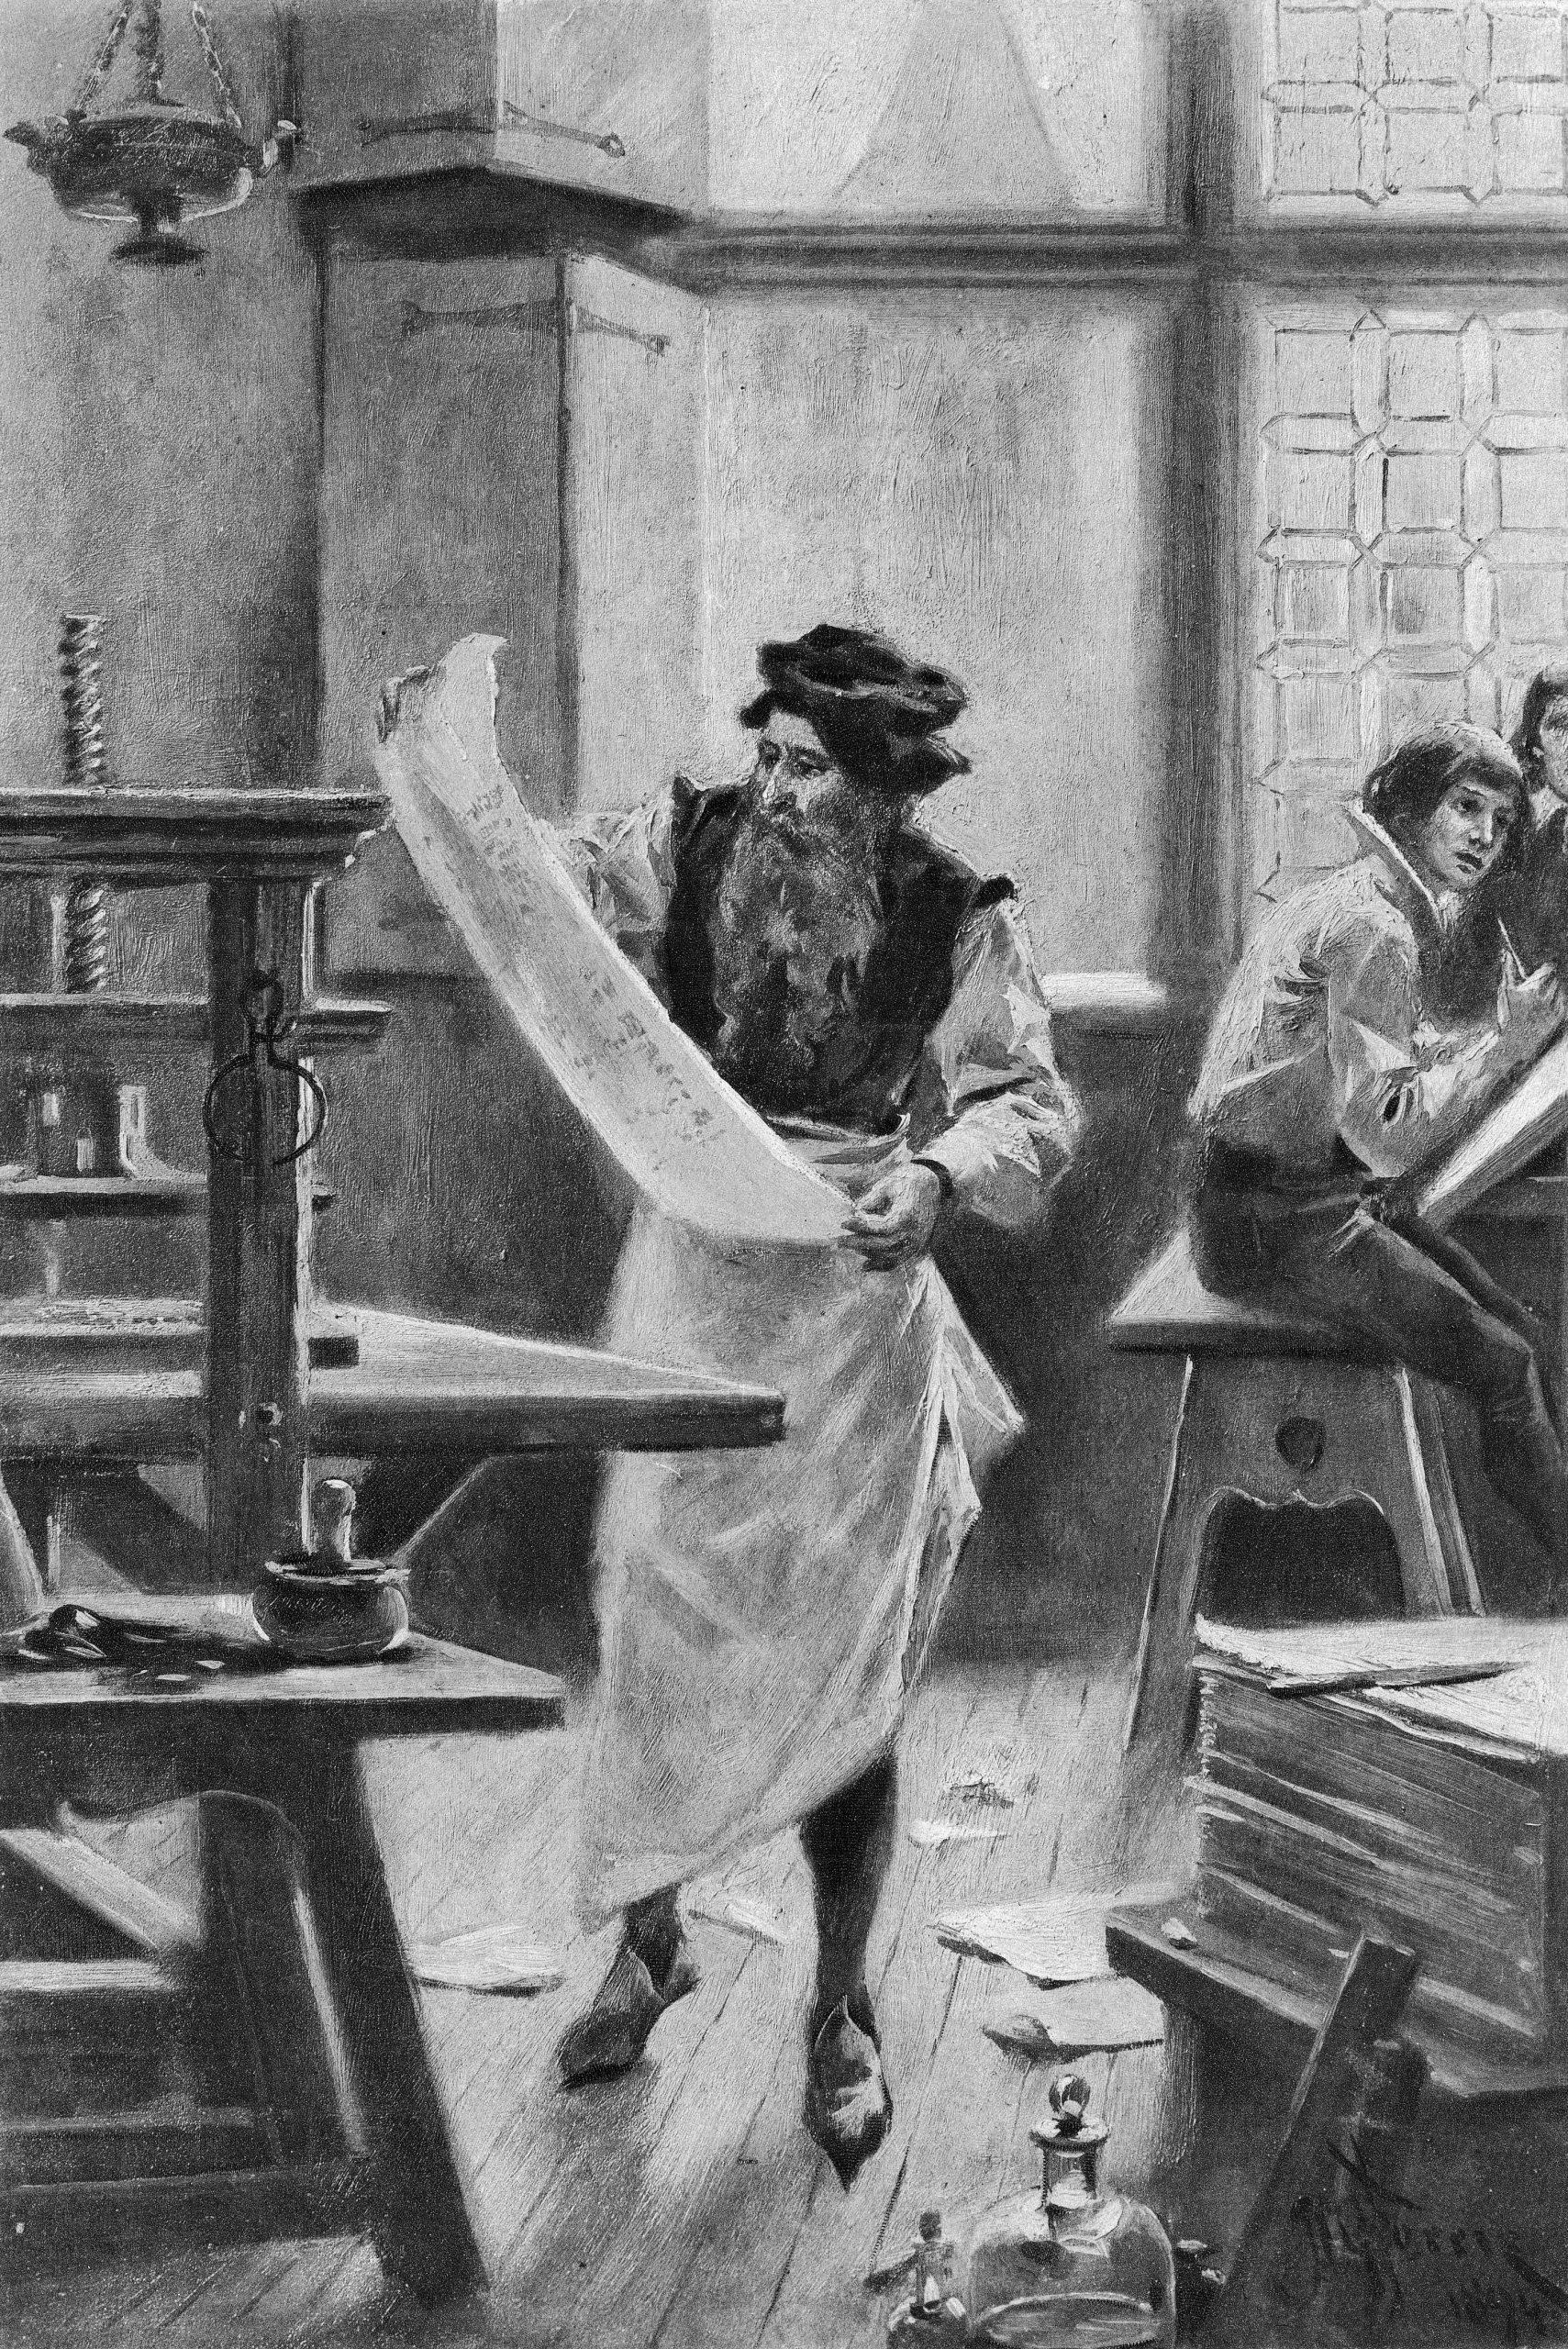 تأثیر ابداع چاپخانه بر جنبه های زندگی